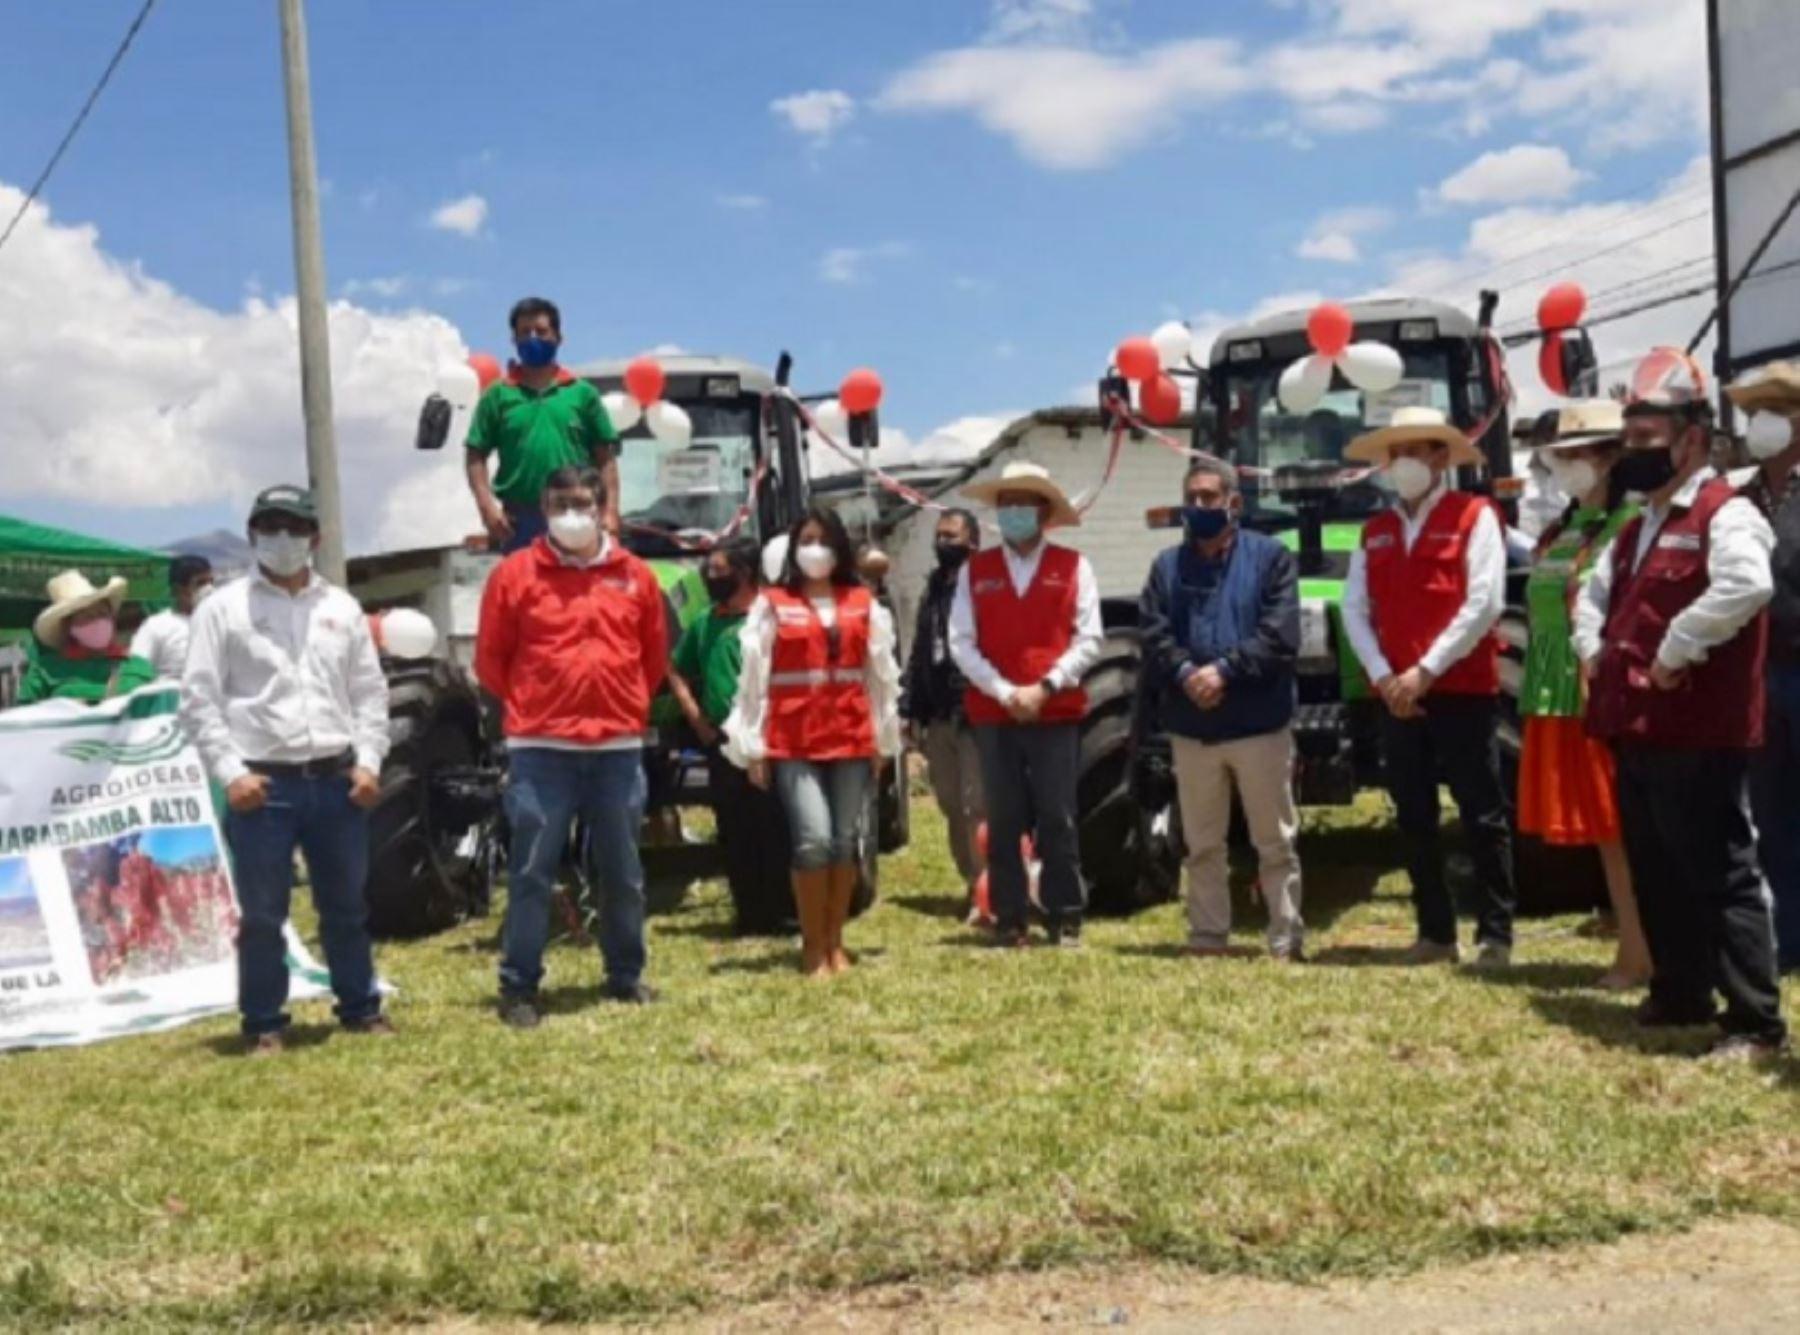 El presidente del Consejo de Ministros, Walter Martos, entregó hoy maquinaria agrícola y financiamiento para planes de negocio a siete organizaciones agrarias de Cajamarca, beneficiarias del Programa Agroideas, del Ministerio de Agricultura y Riego. Foto: Agroideas/Minagri